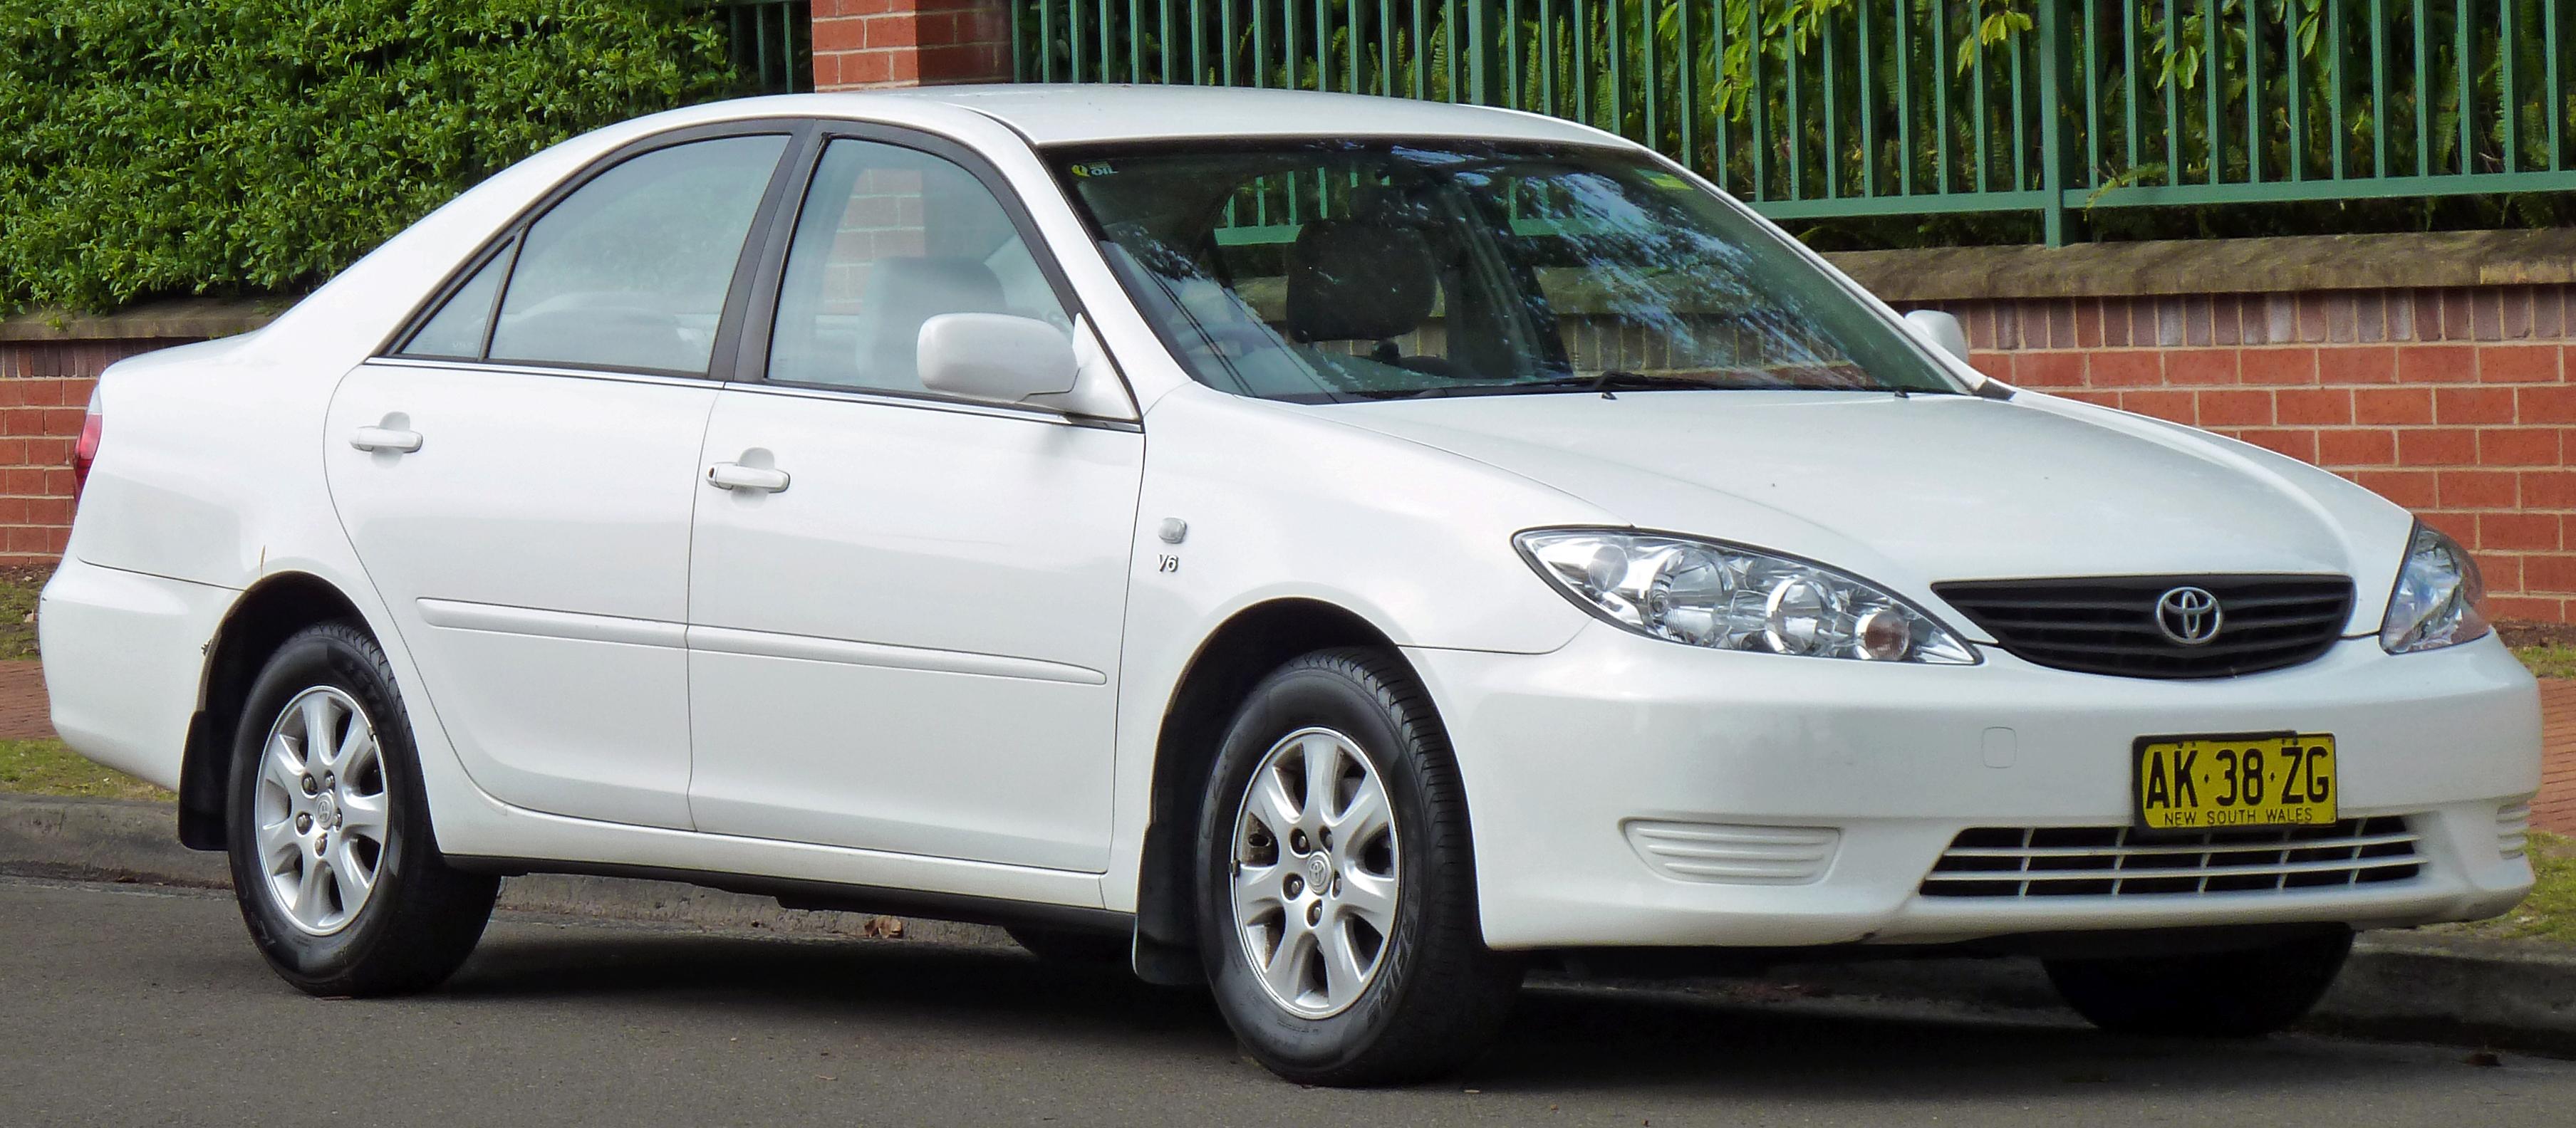 Daihatsu Altis II (SXV30) 2001 - 2004 Sedan #1